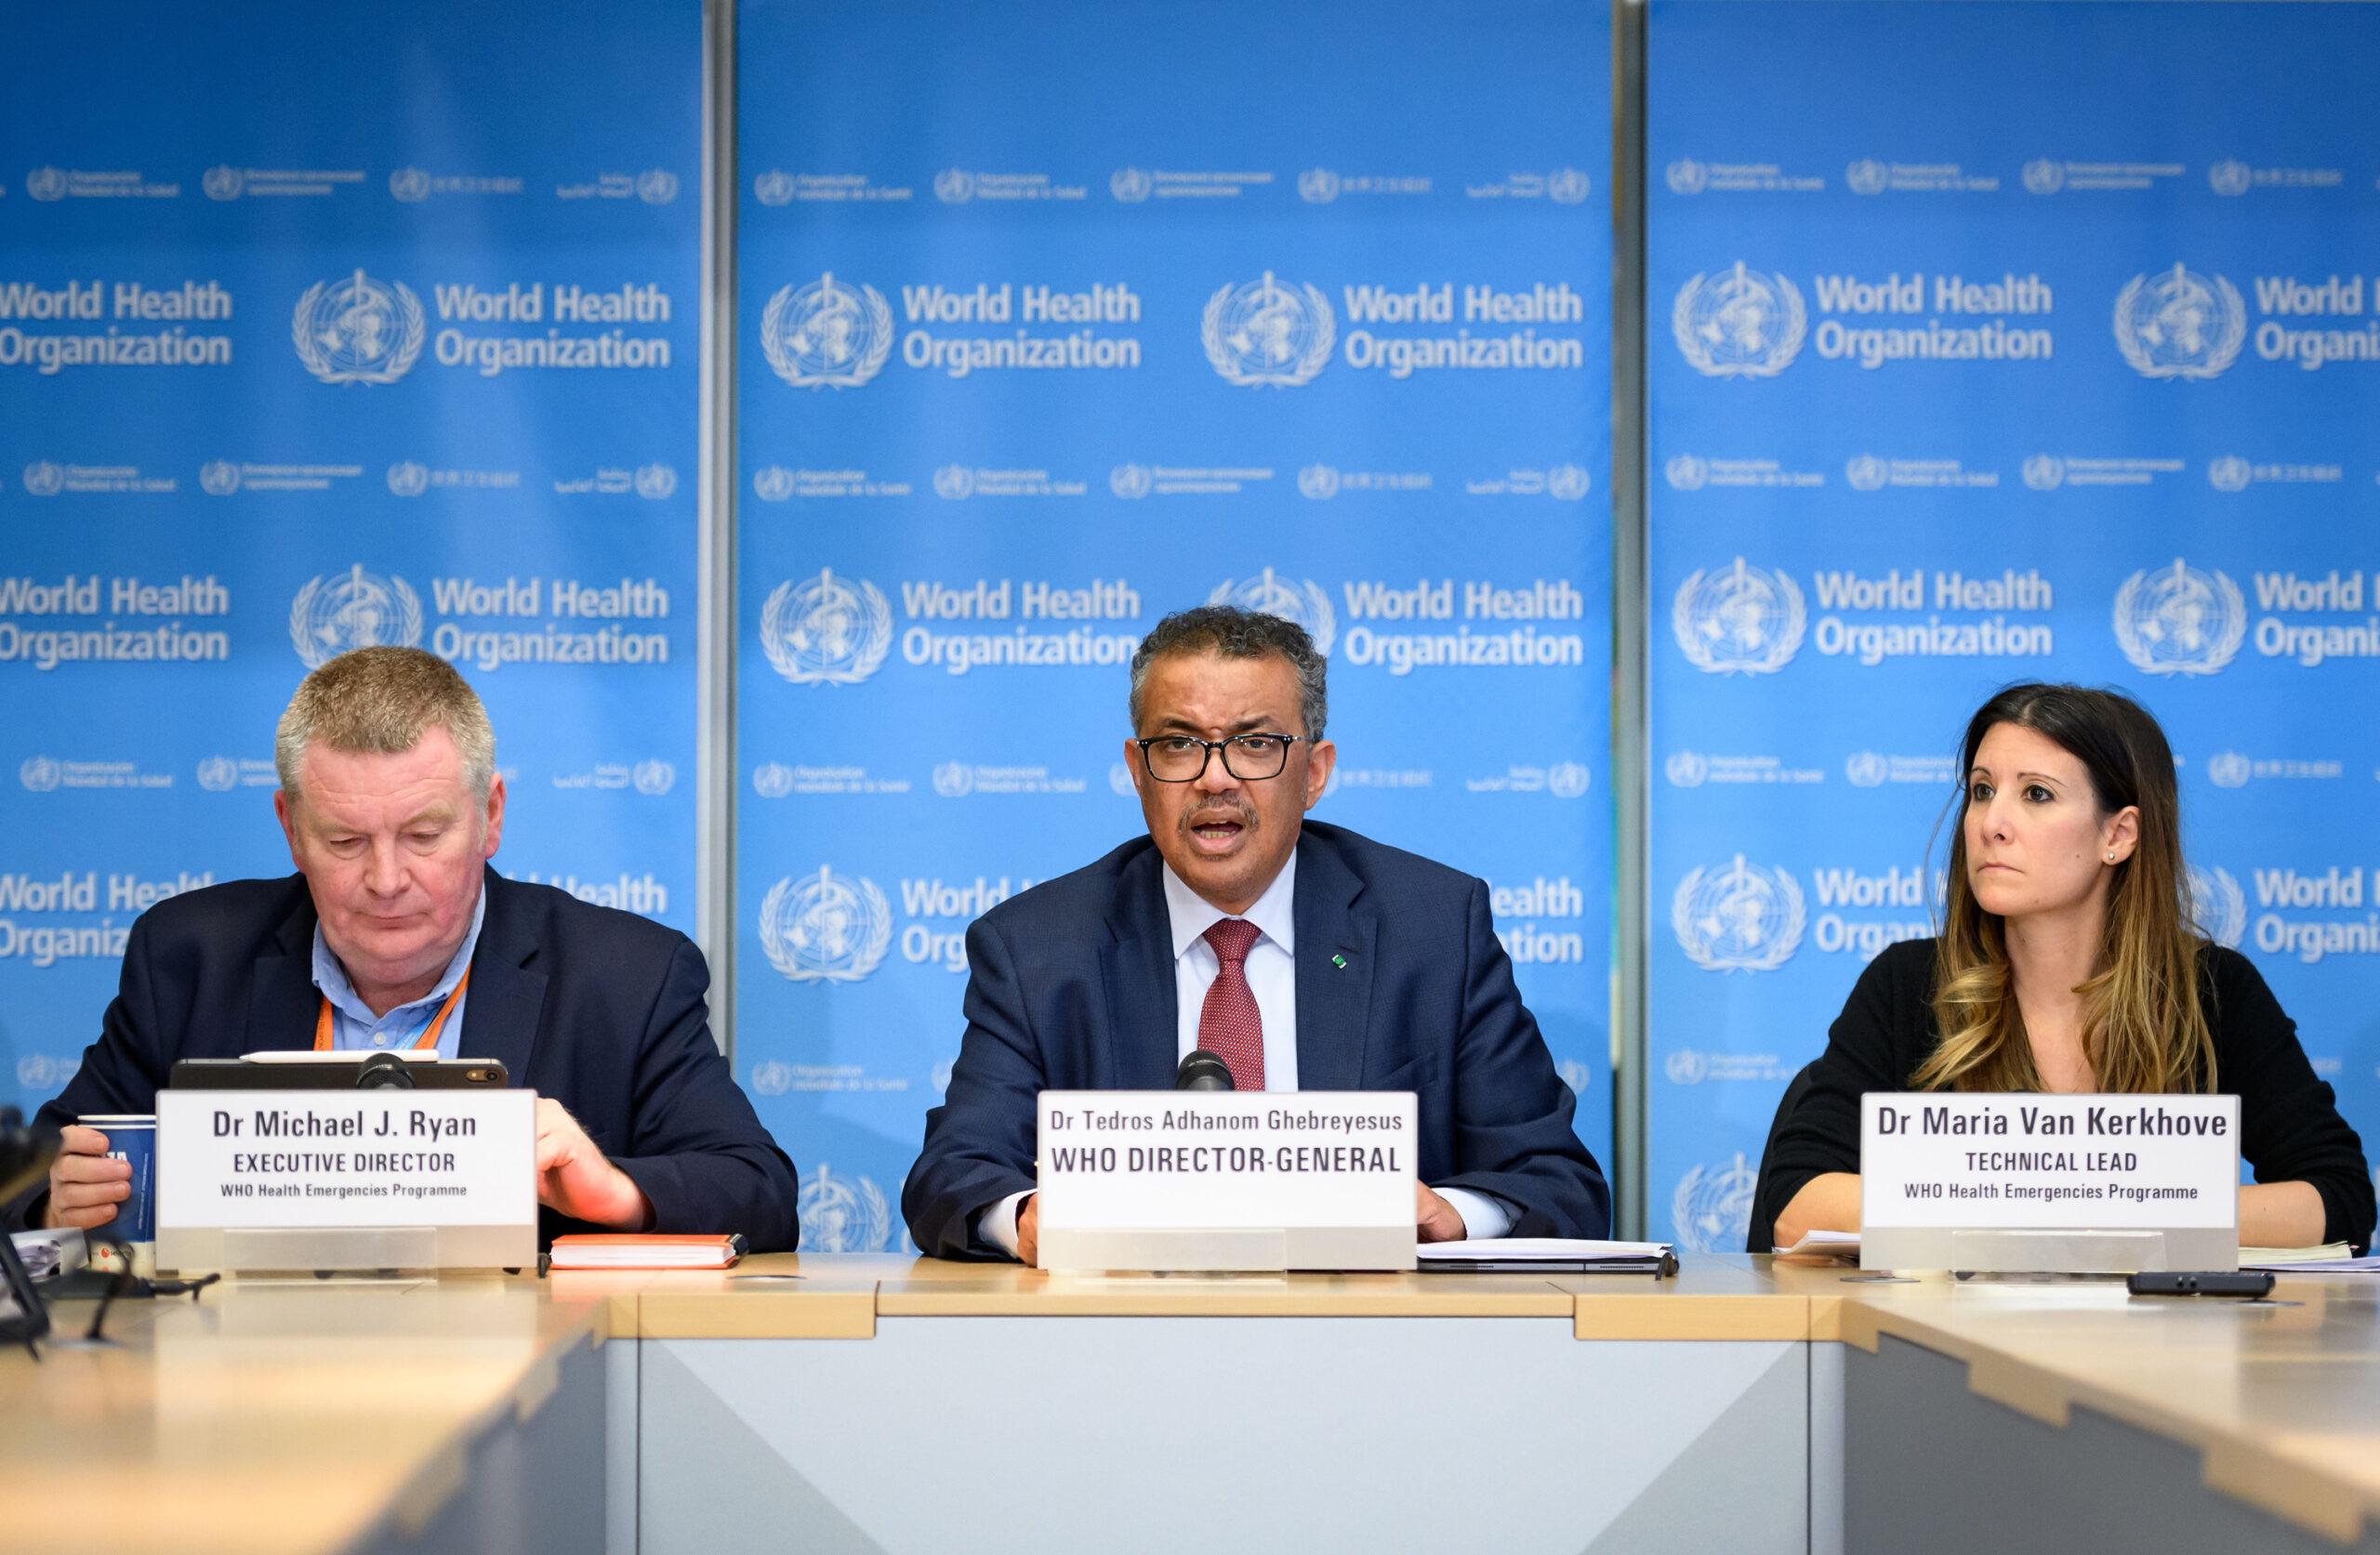 नेपाललगायत दक्षिण एसियाली मुलुकहरुलाई आपतकालीन सहयोगको आवश्यकता :डब्ल्यूएचओ